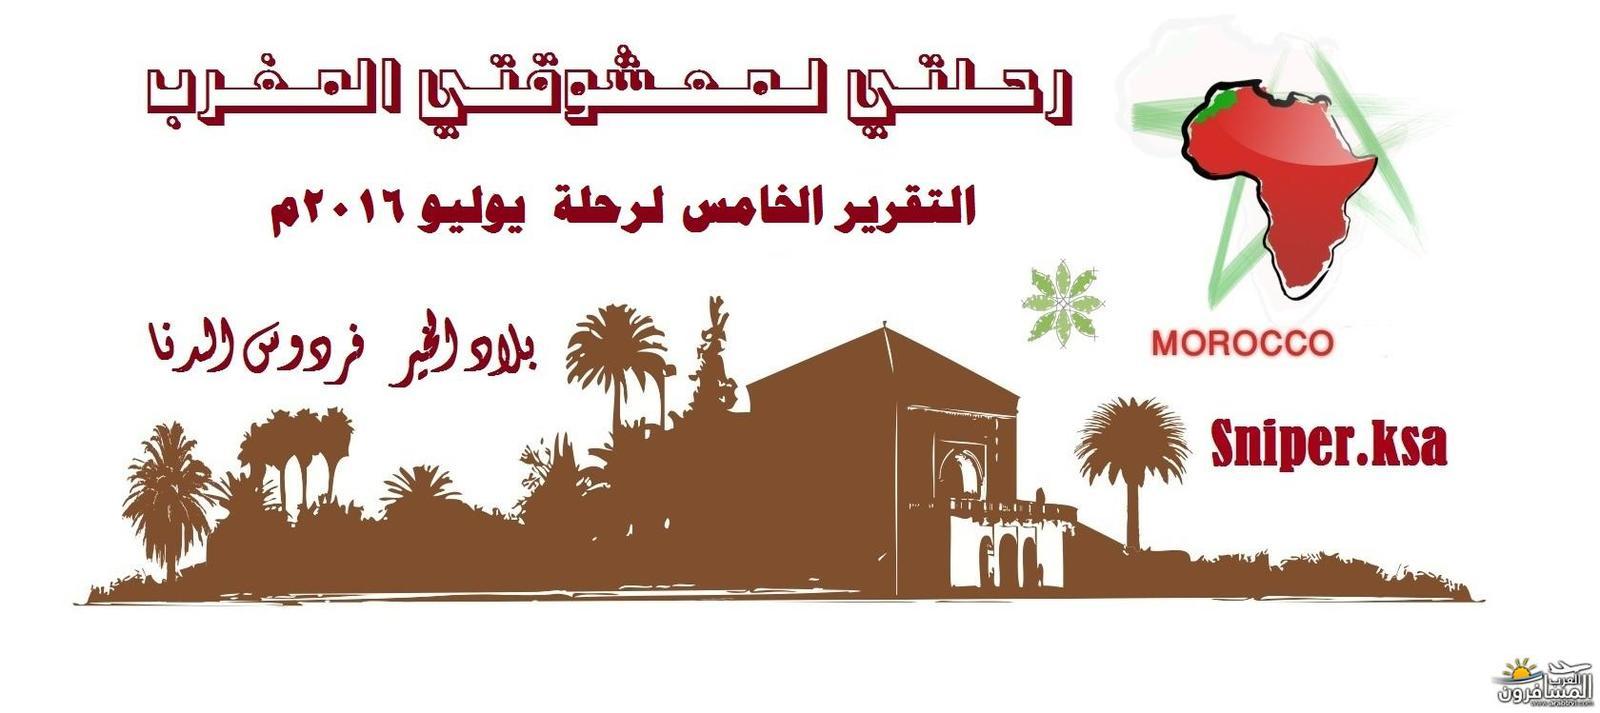 arabtrvl1470749466832.jpg